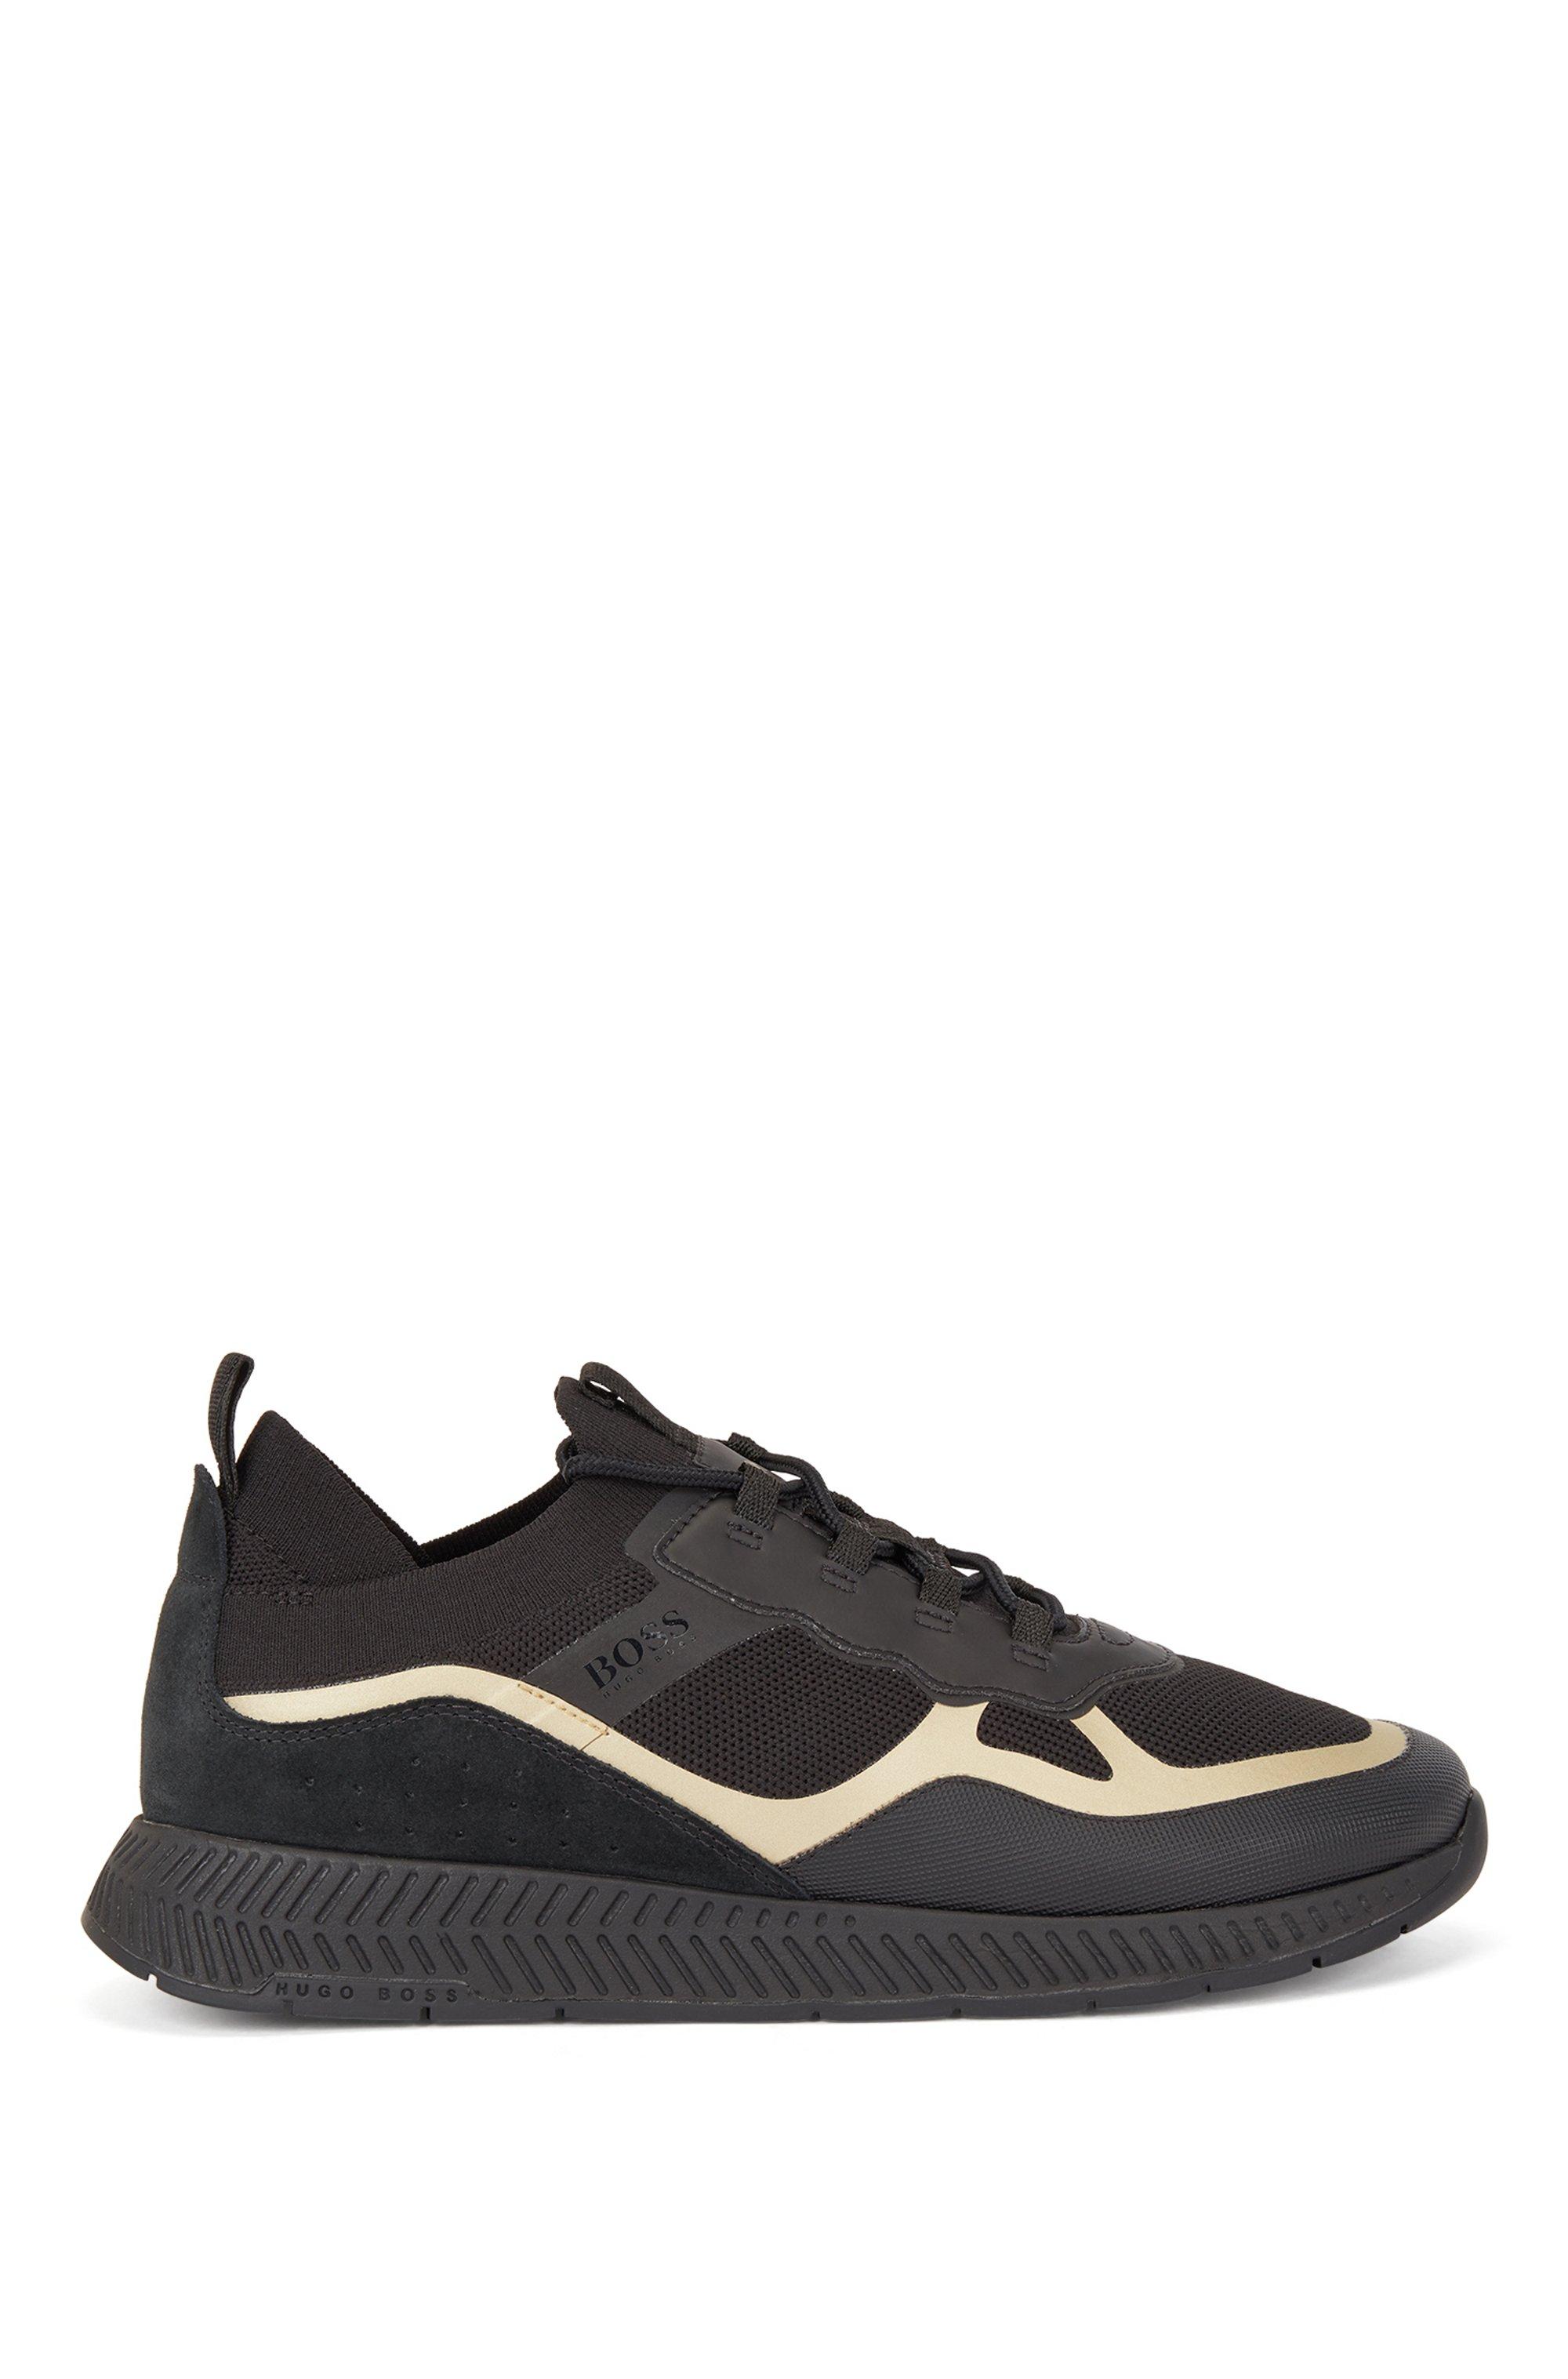 Soksneakers met REPREVE®-bovenzijde en thermisch gehechte details, Zwart